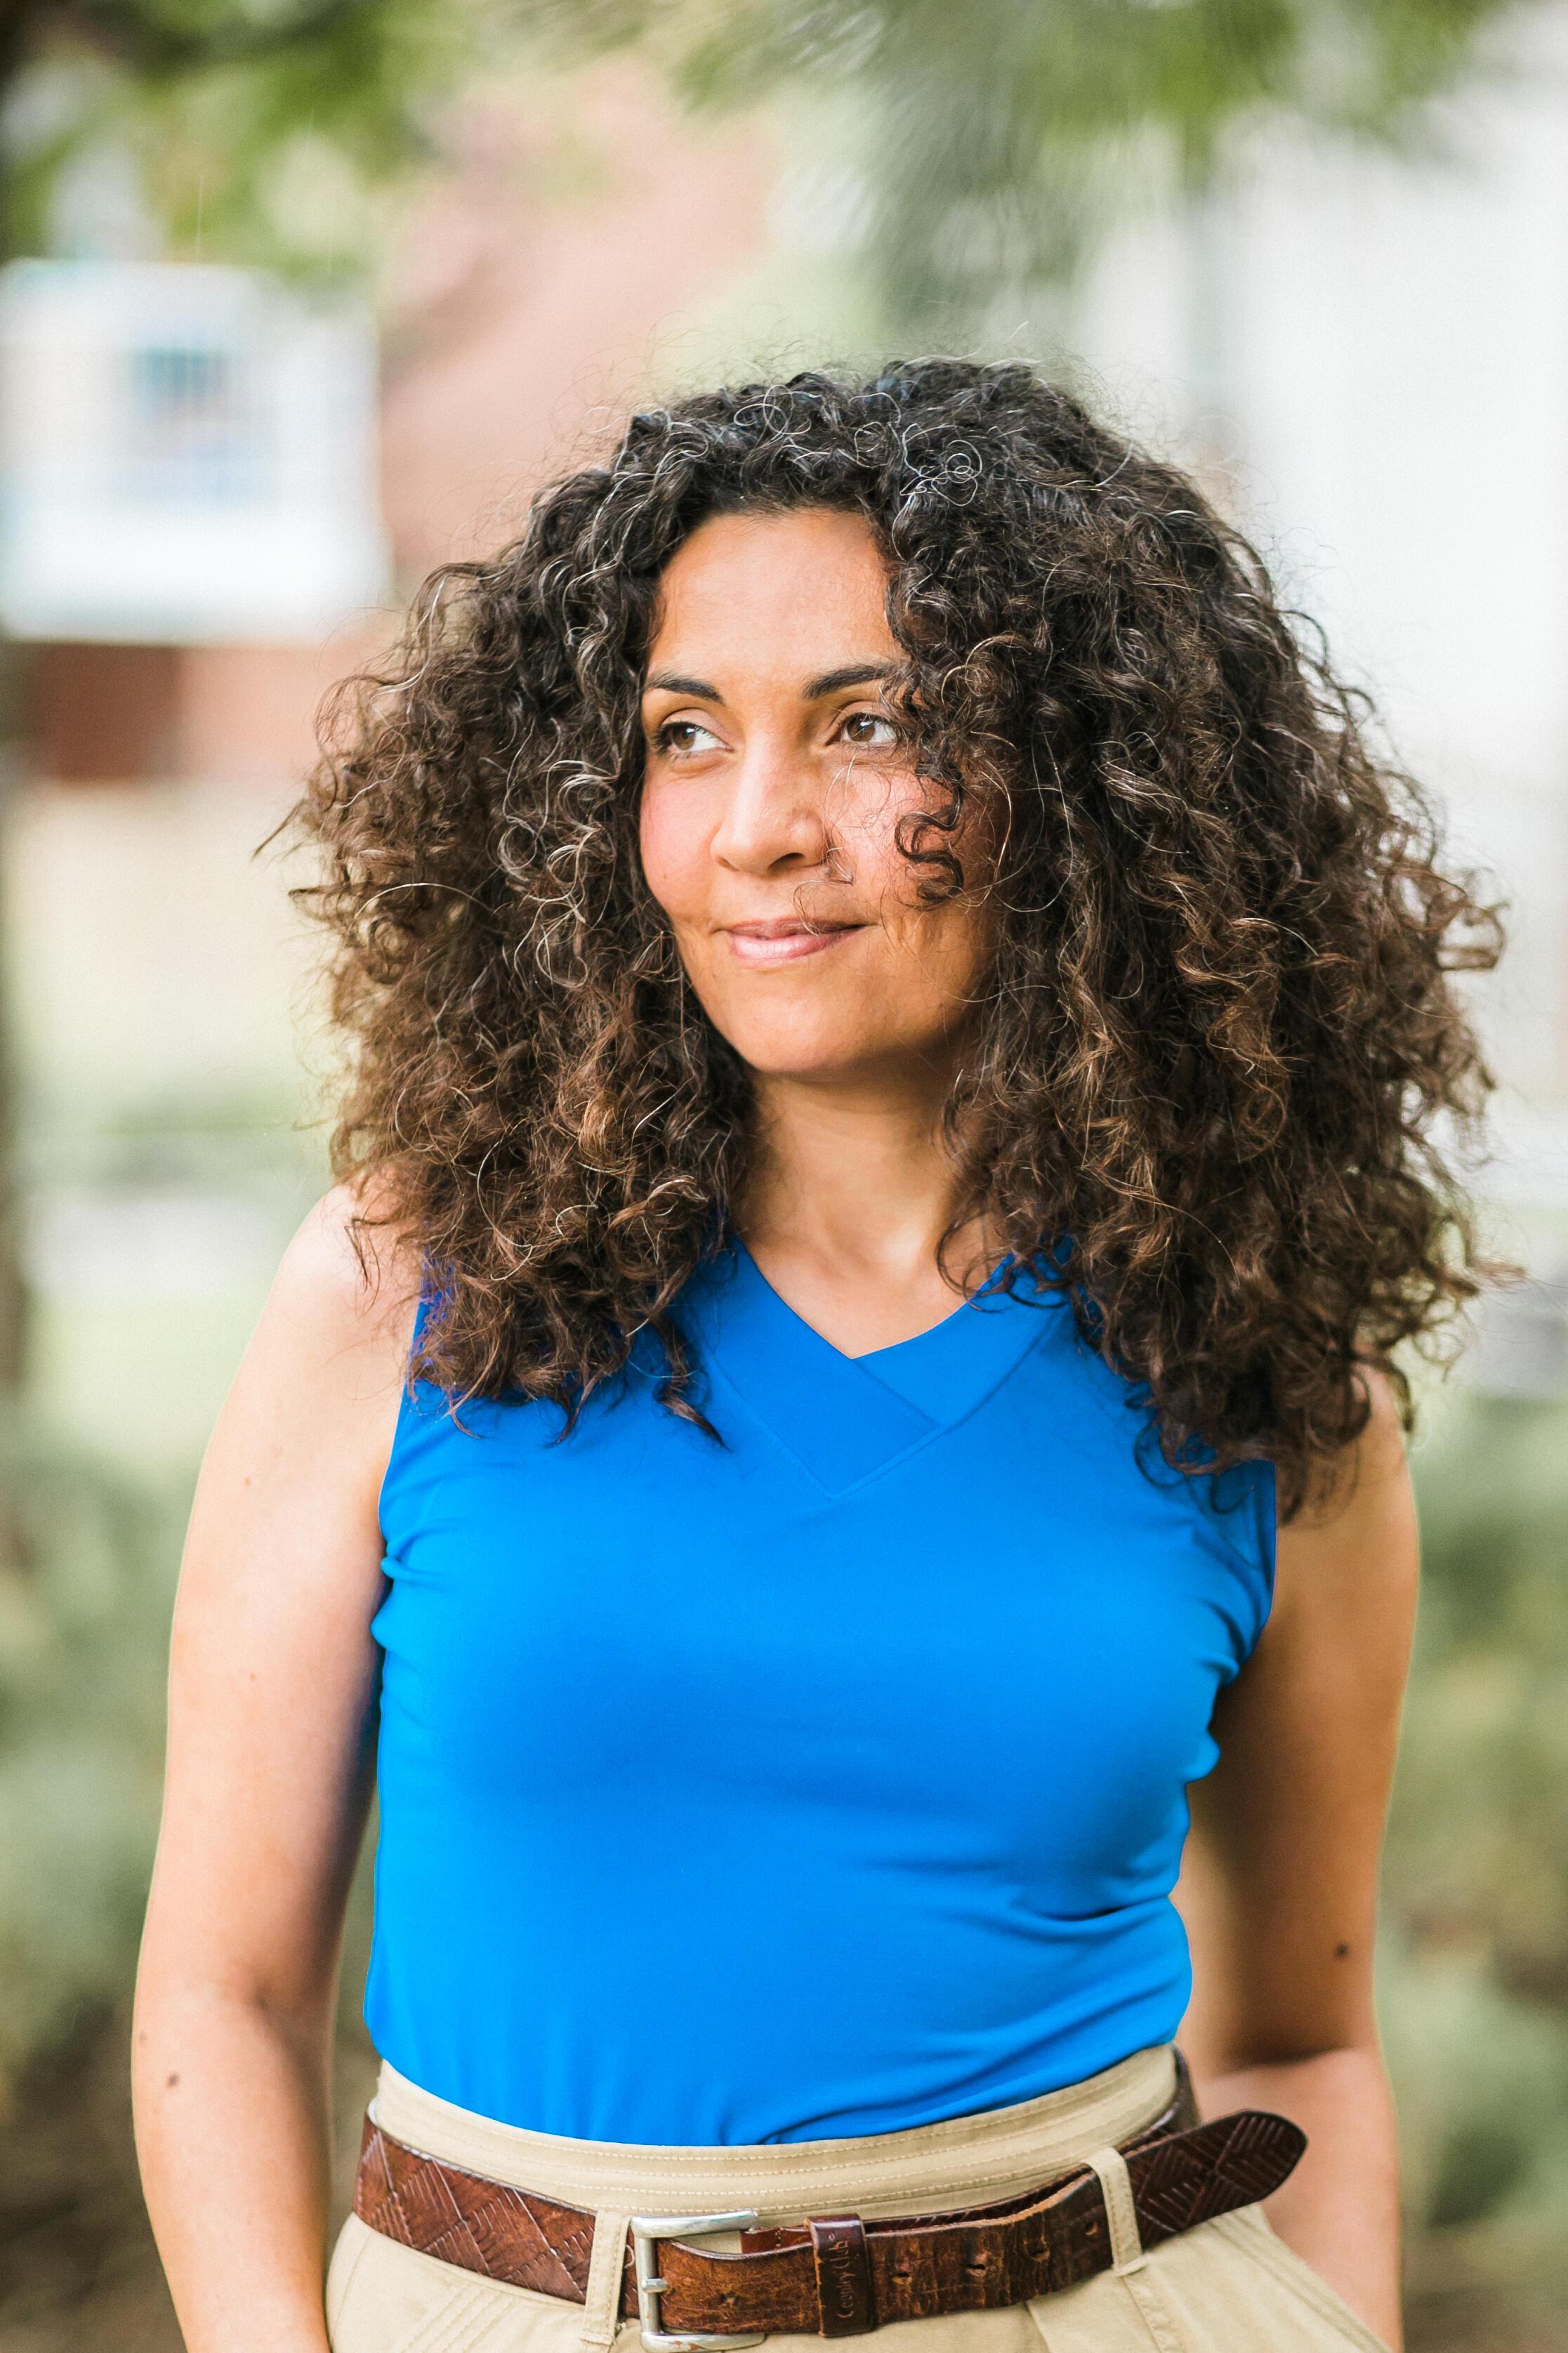 Yara El Ghadban.